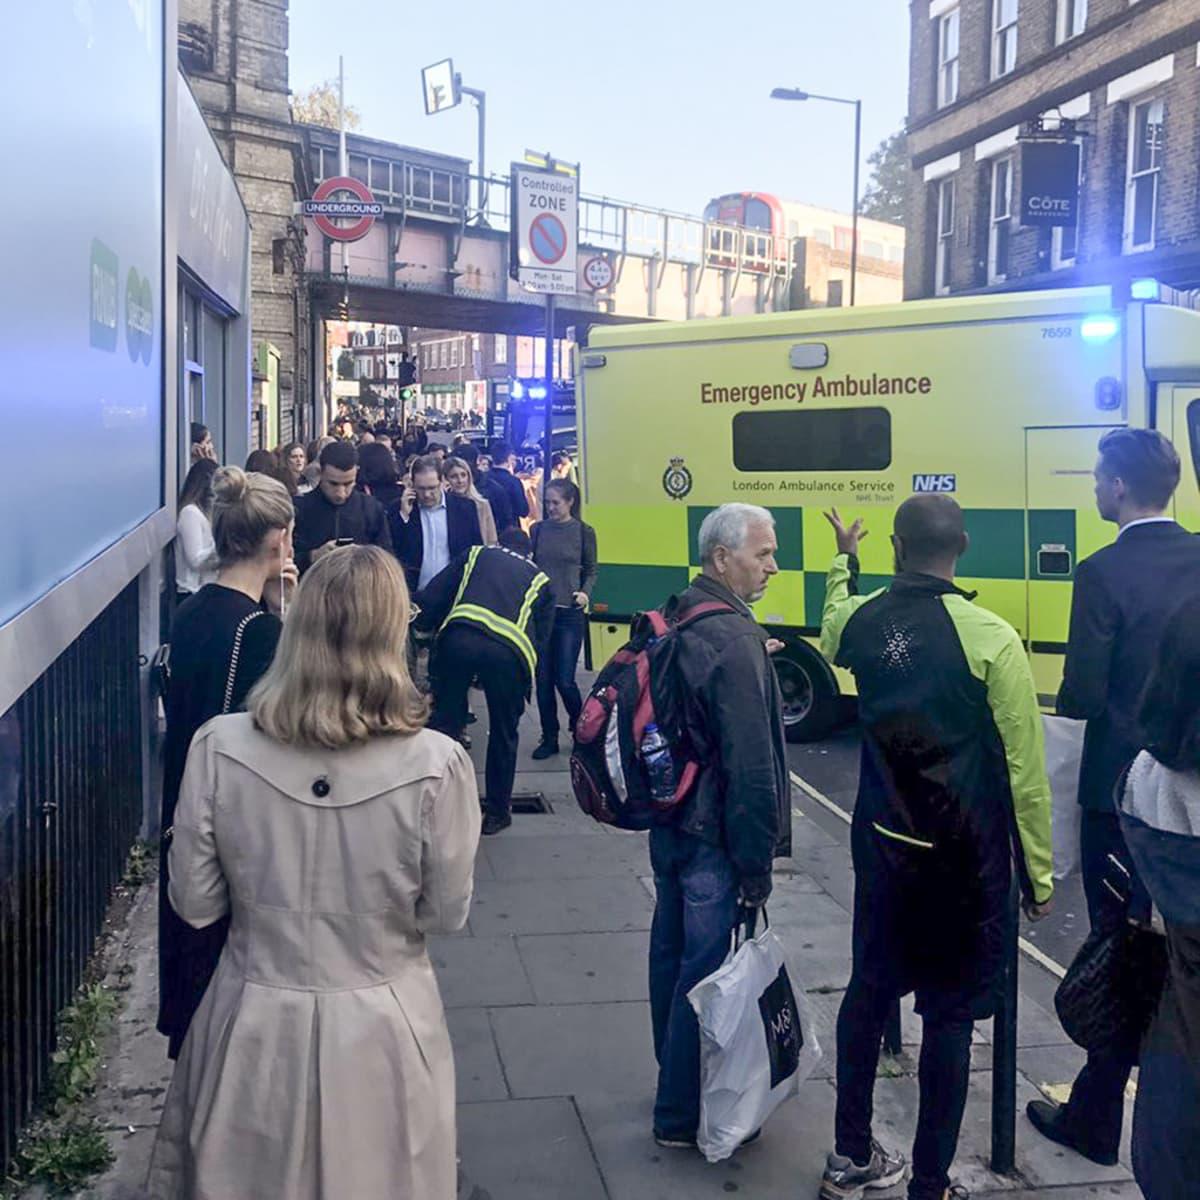 ihmisiä ja ambulanssi kadulla